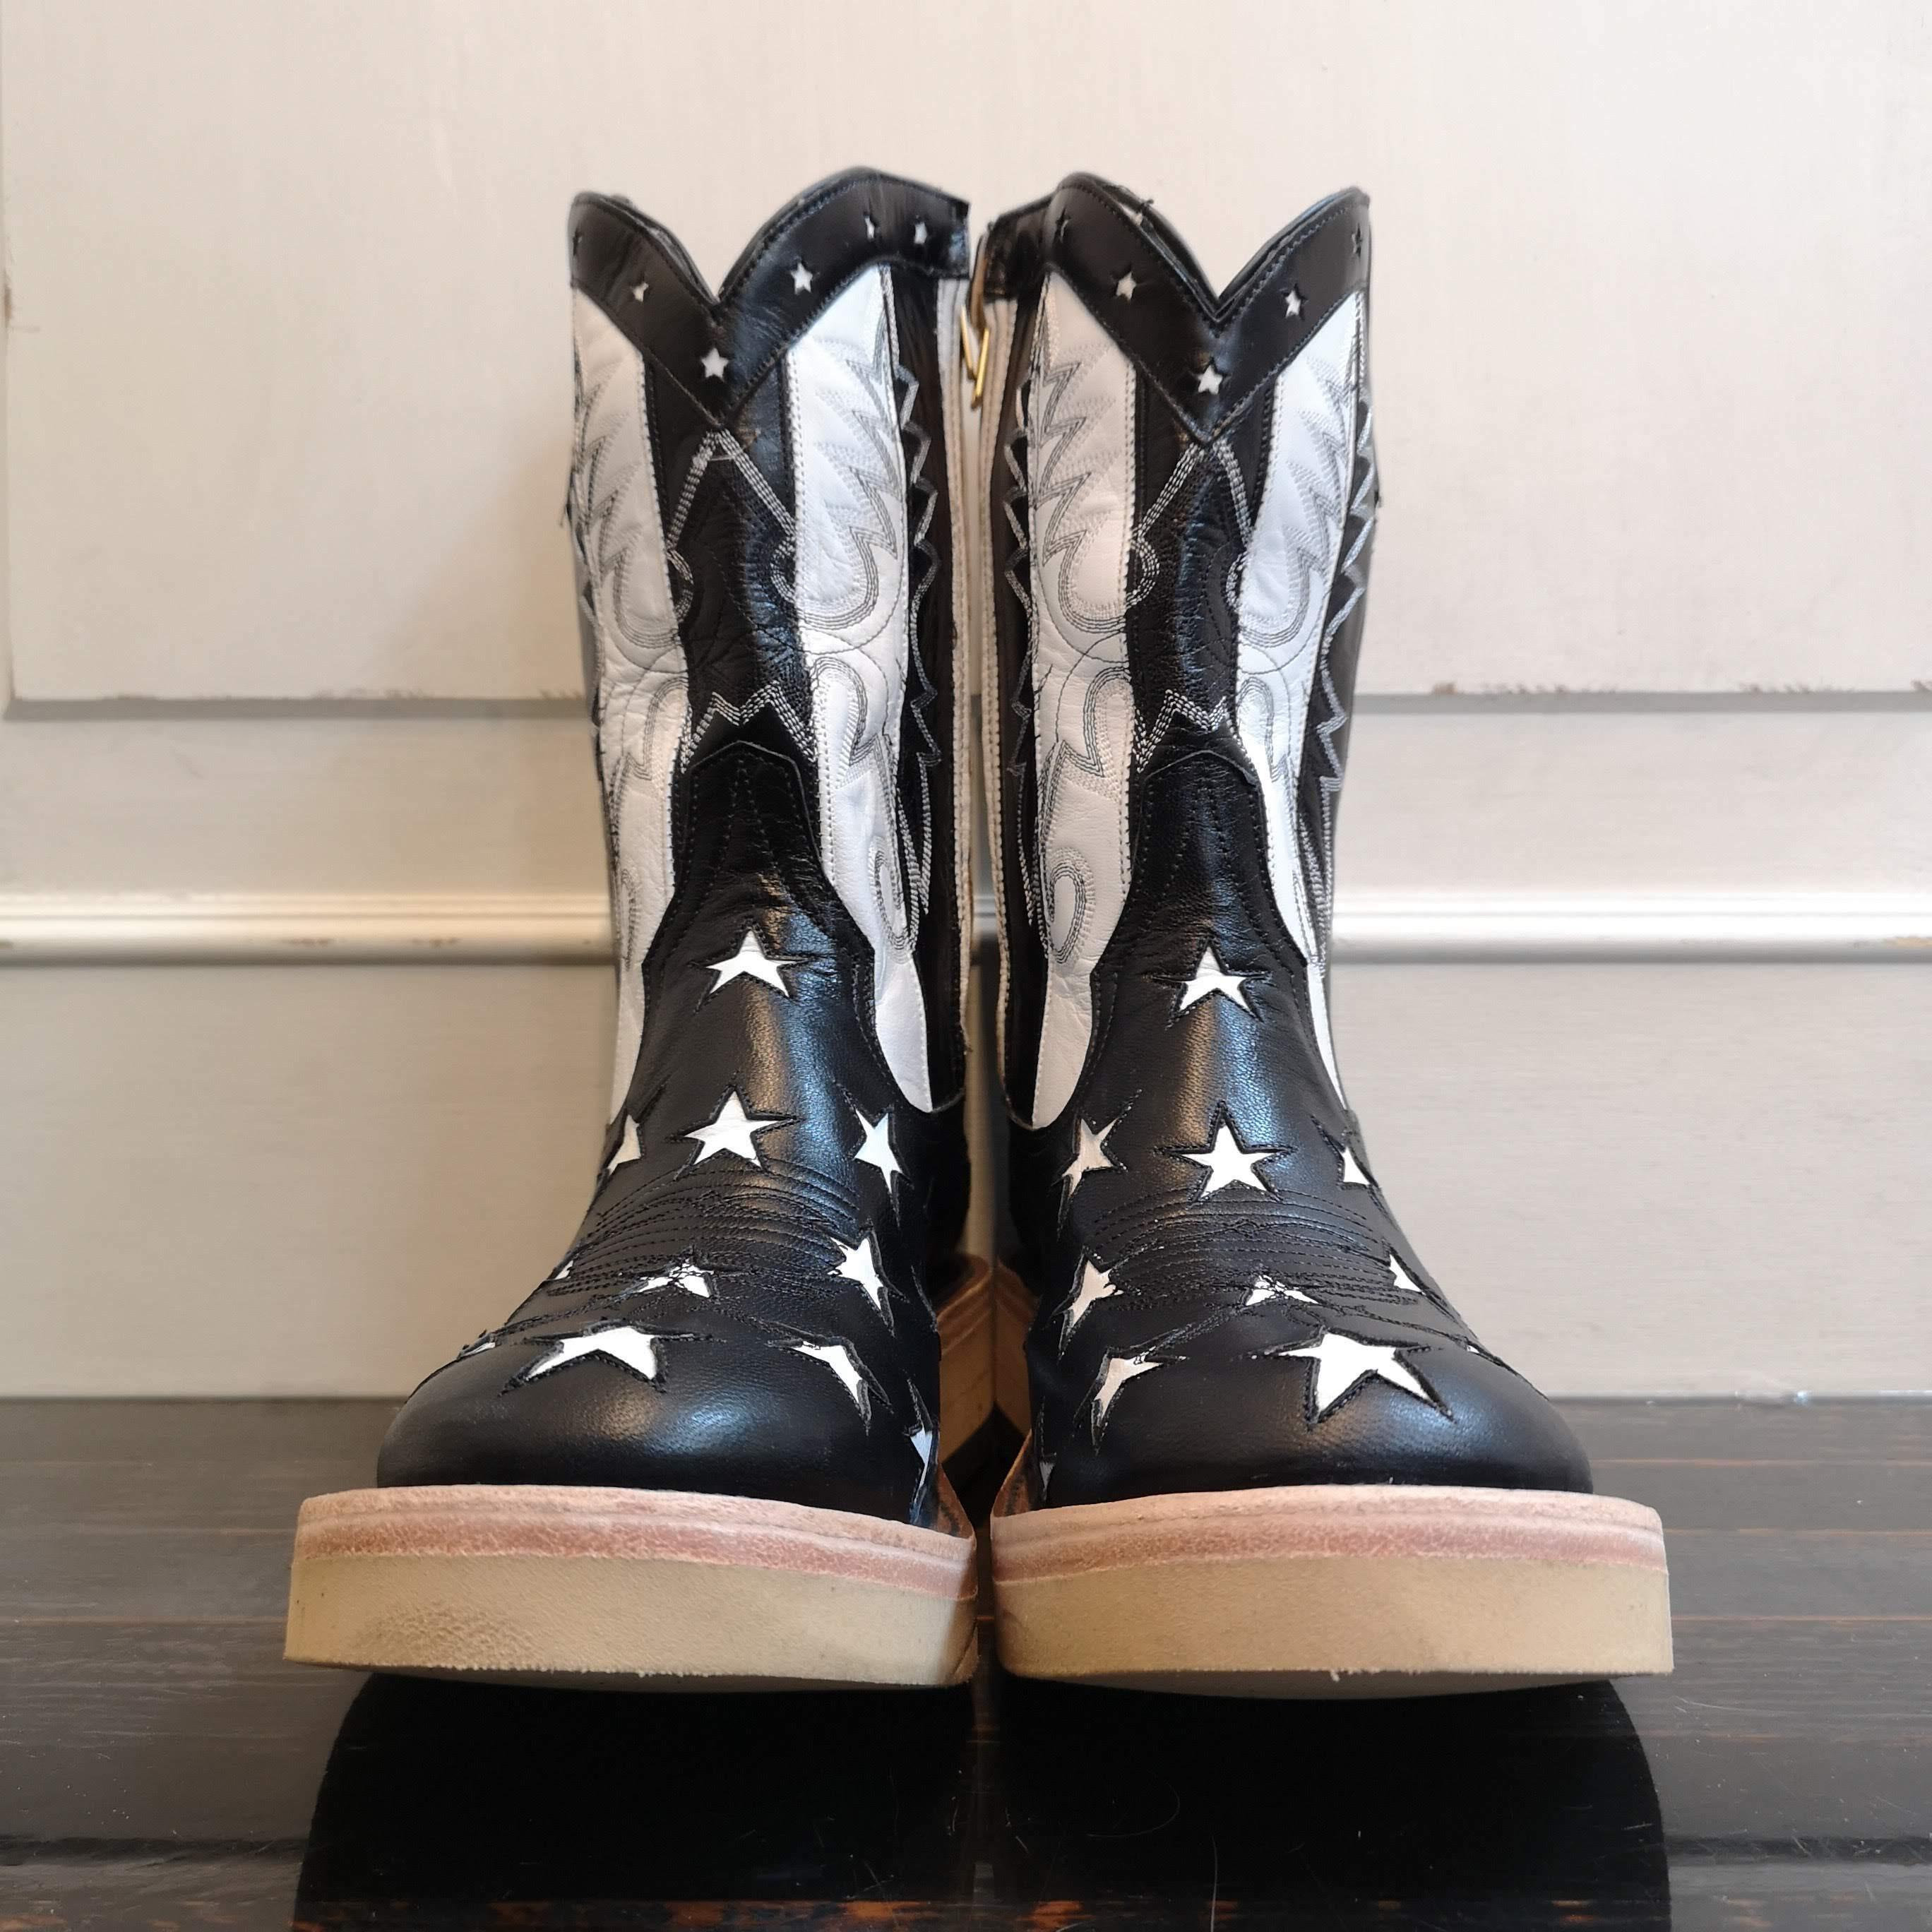 srf.0001 : star&stripes roper boots.